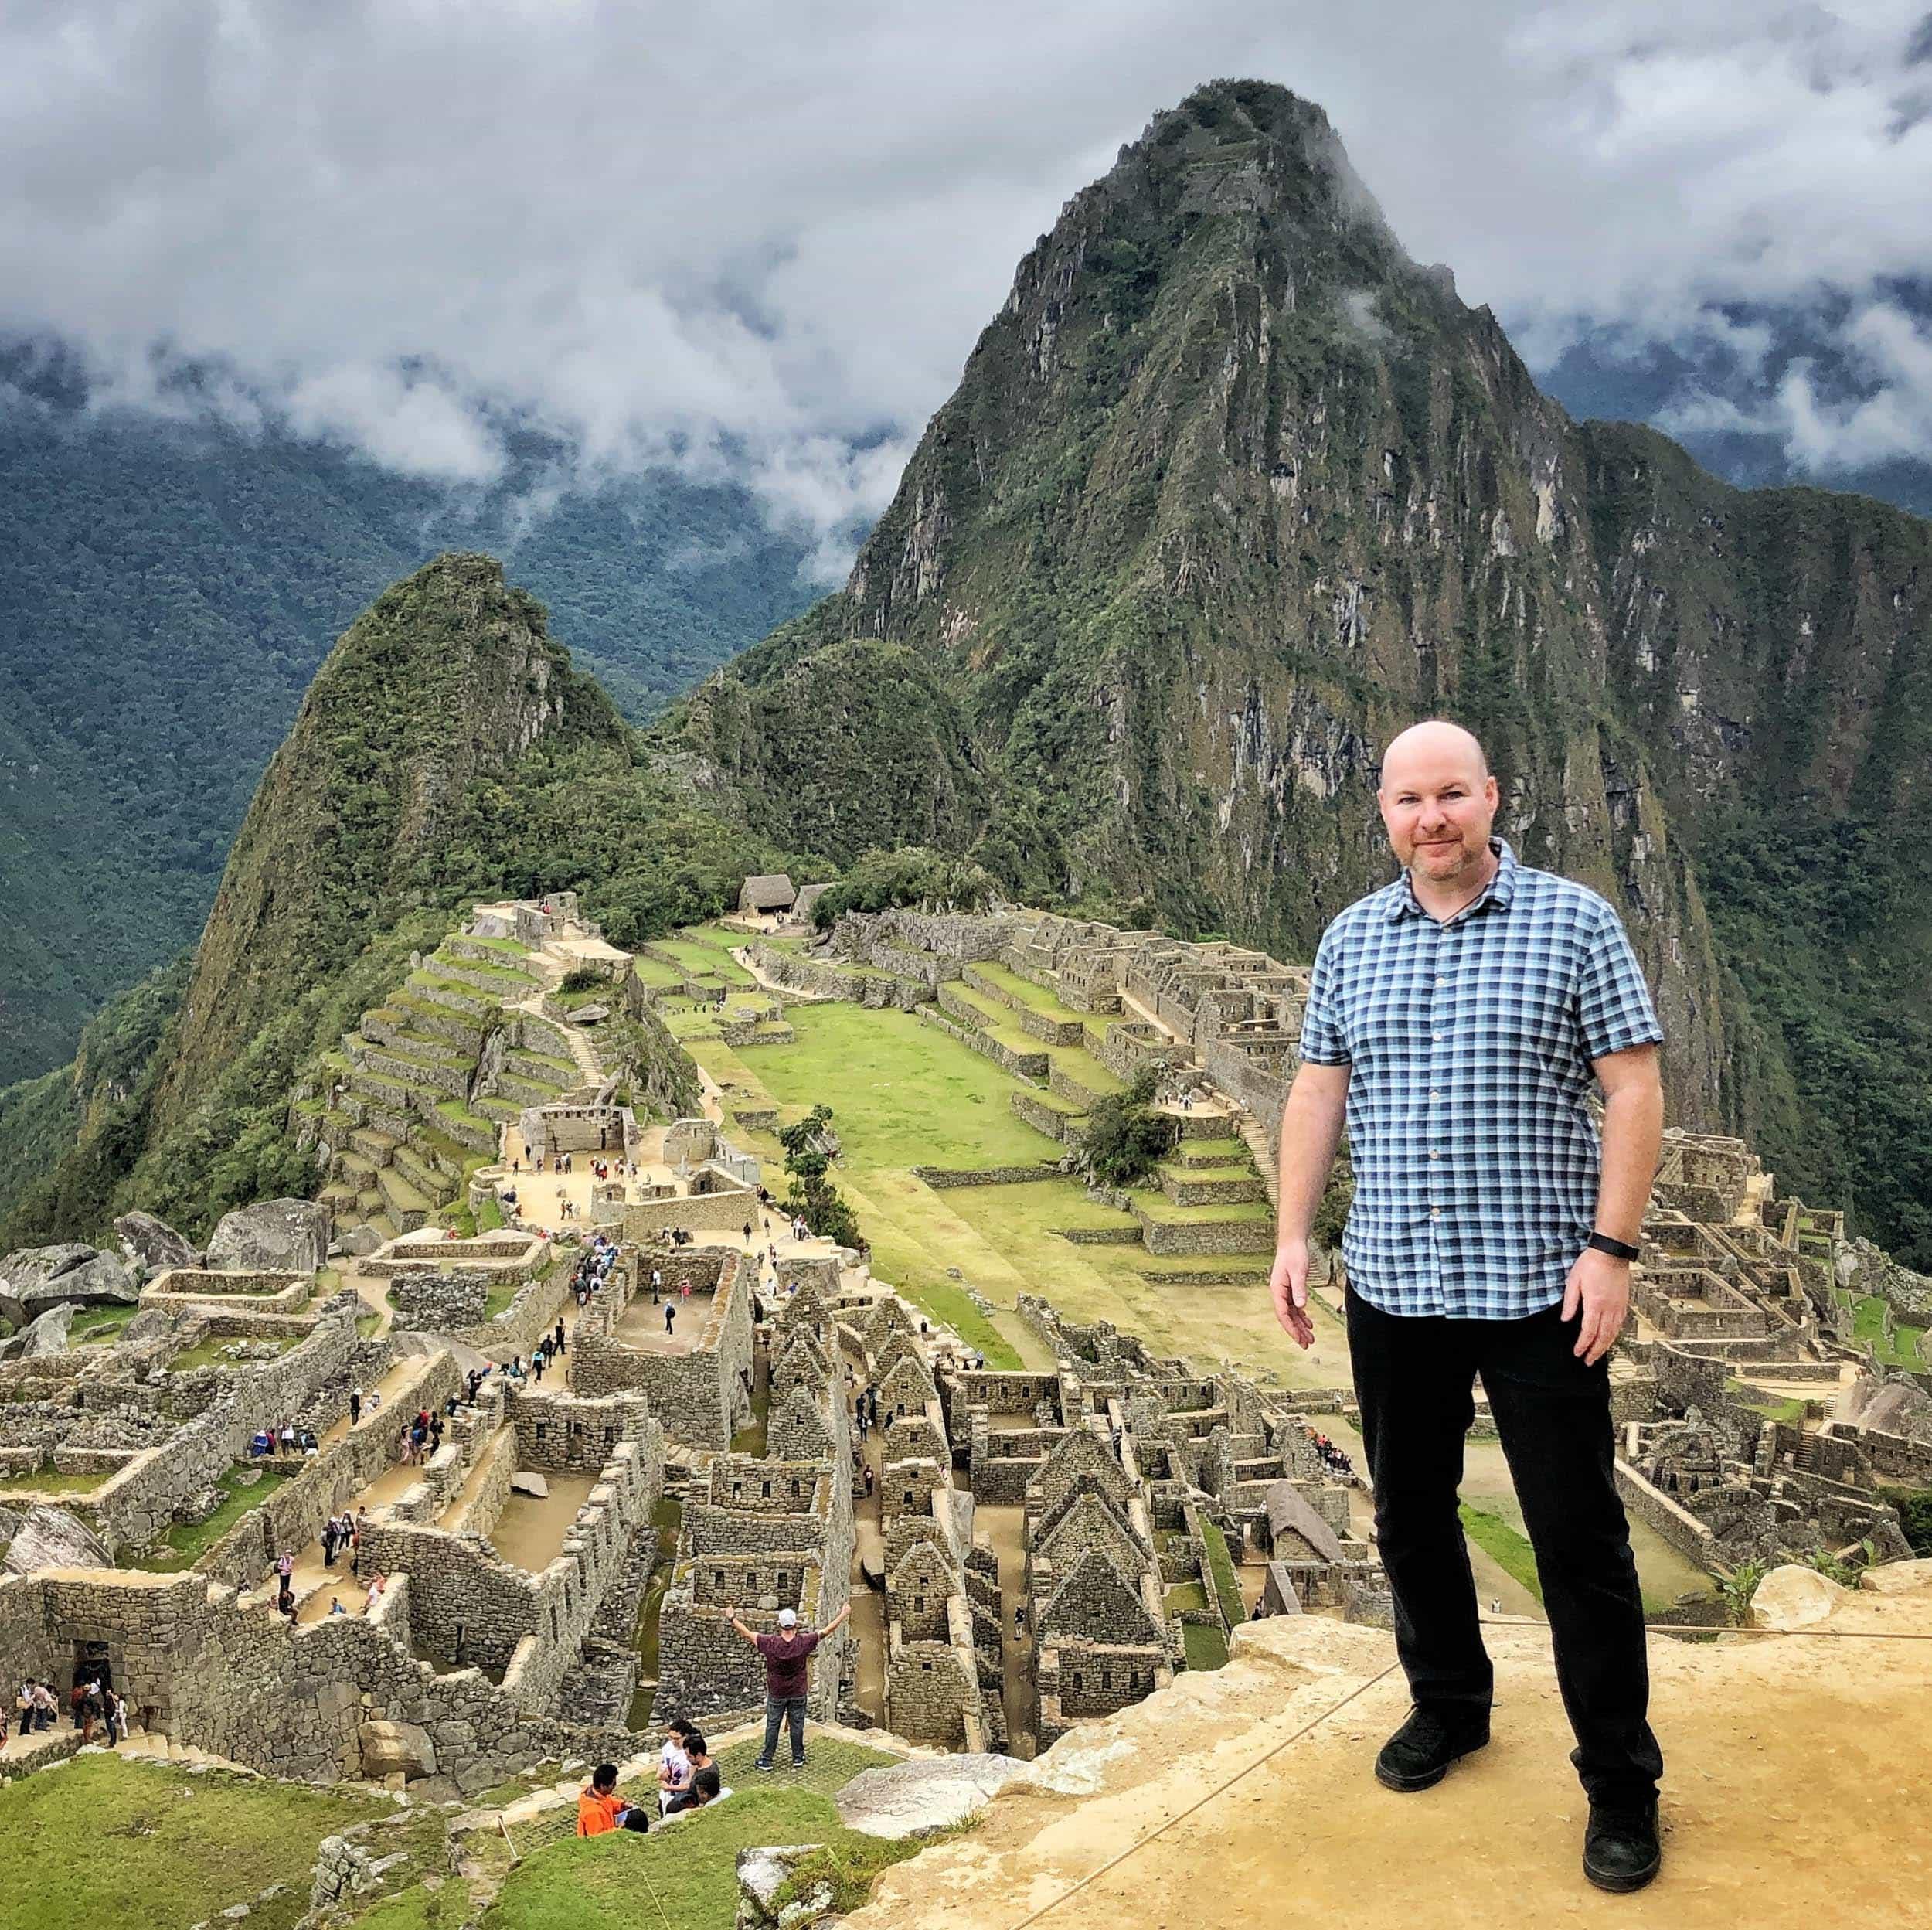 Re-visiting Machu Picchu, Peru (January 2018)